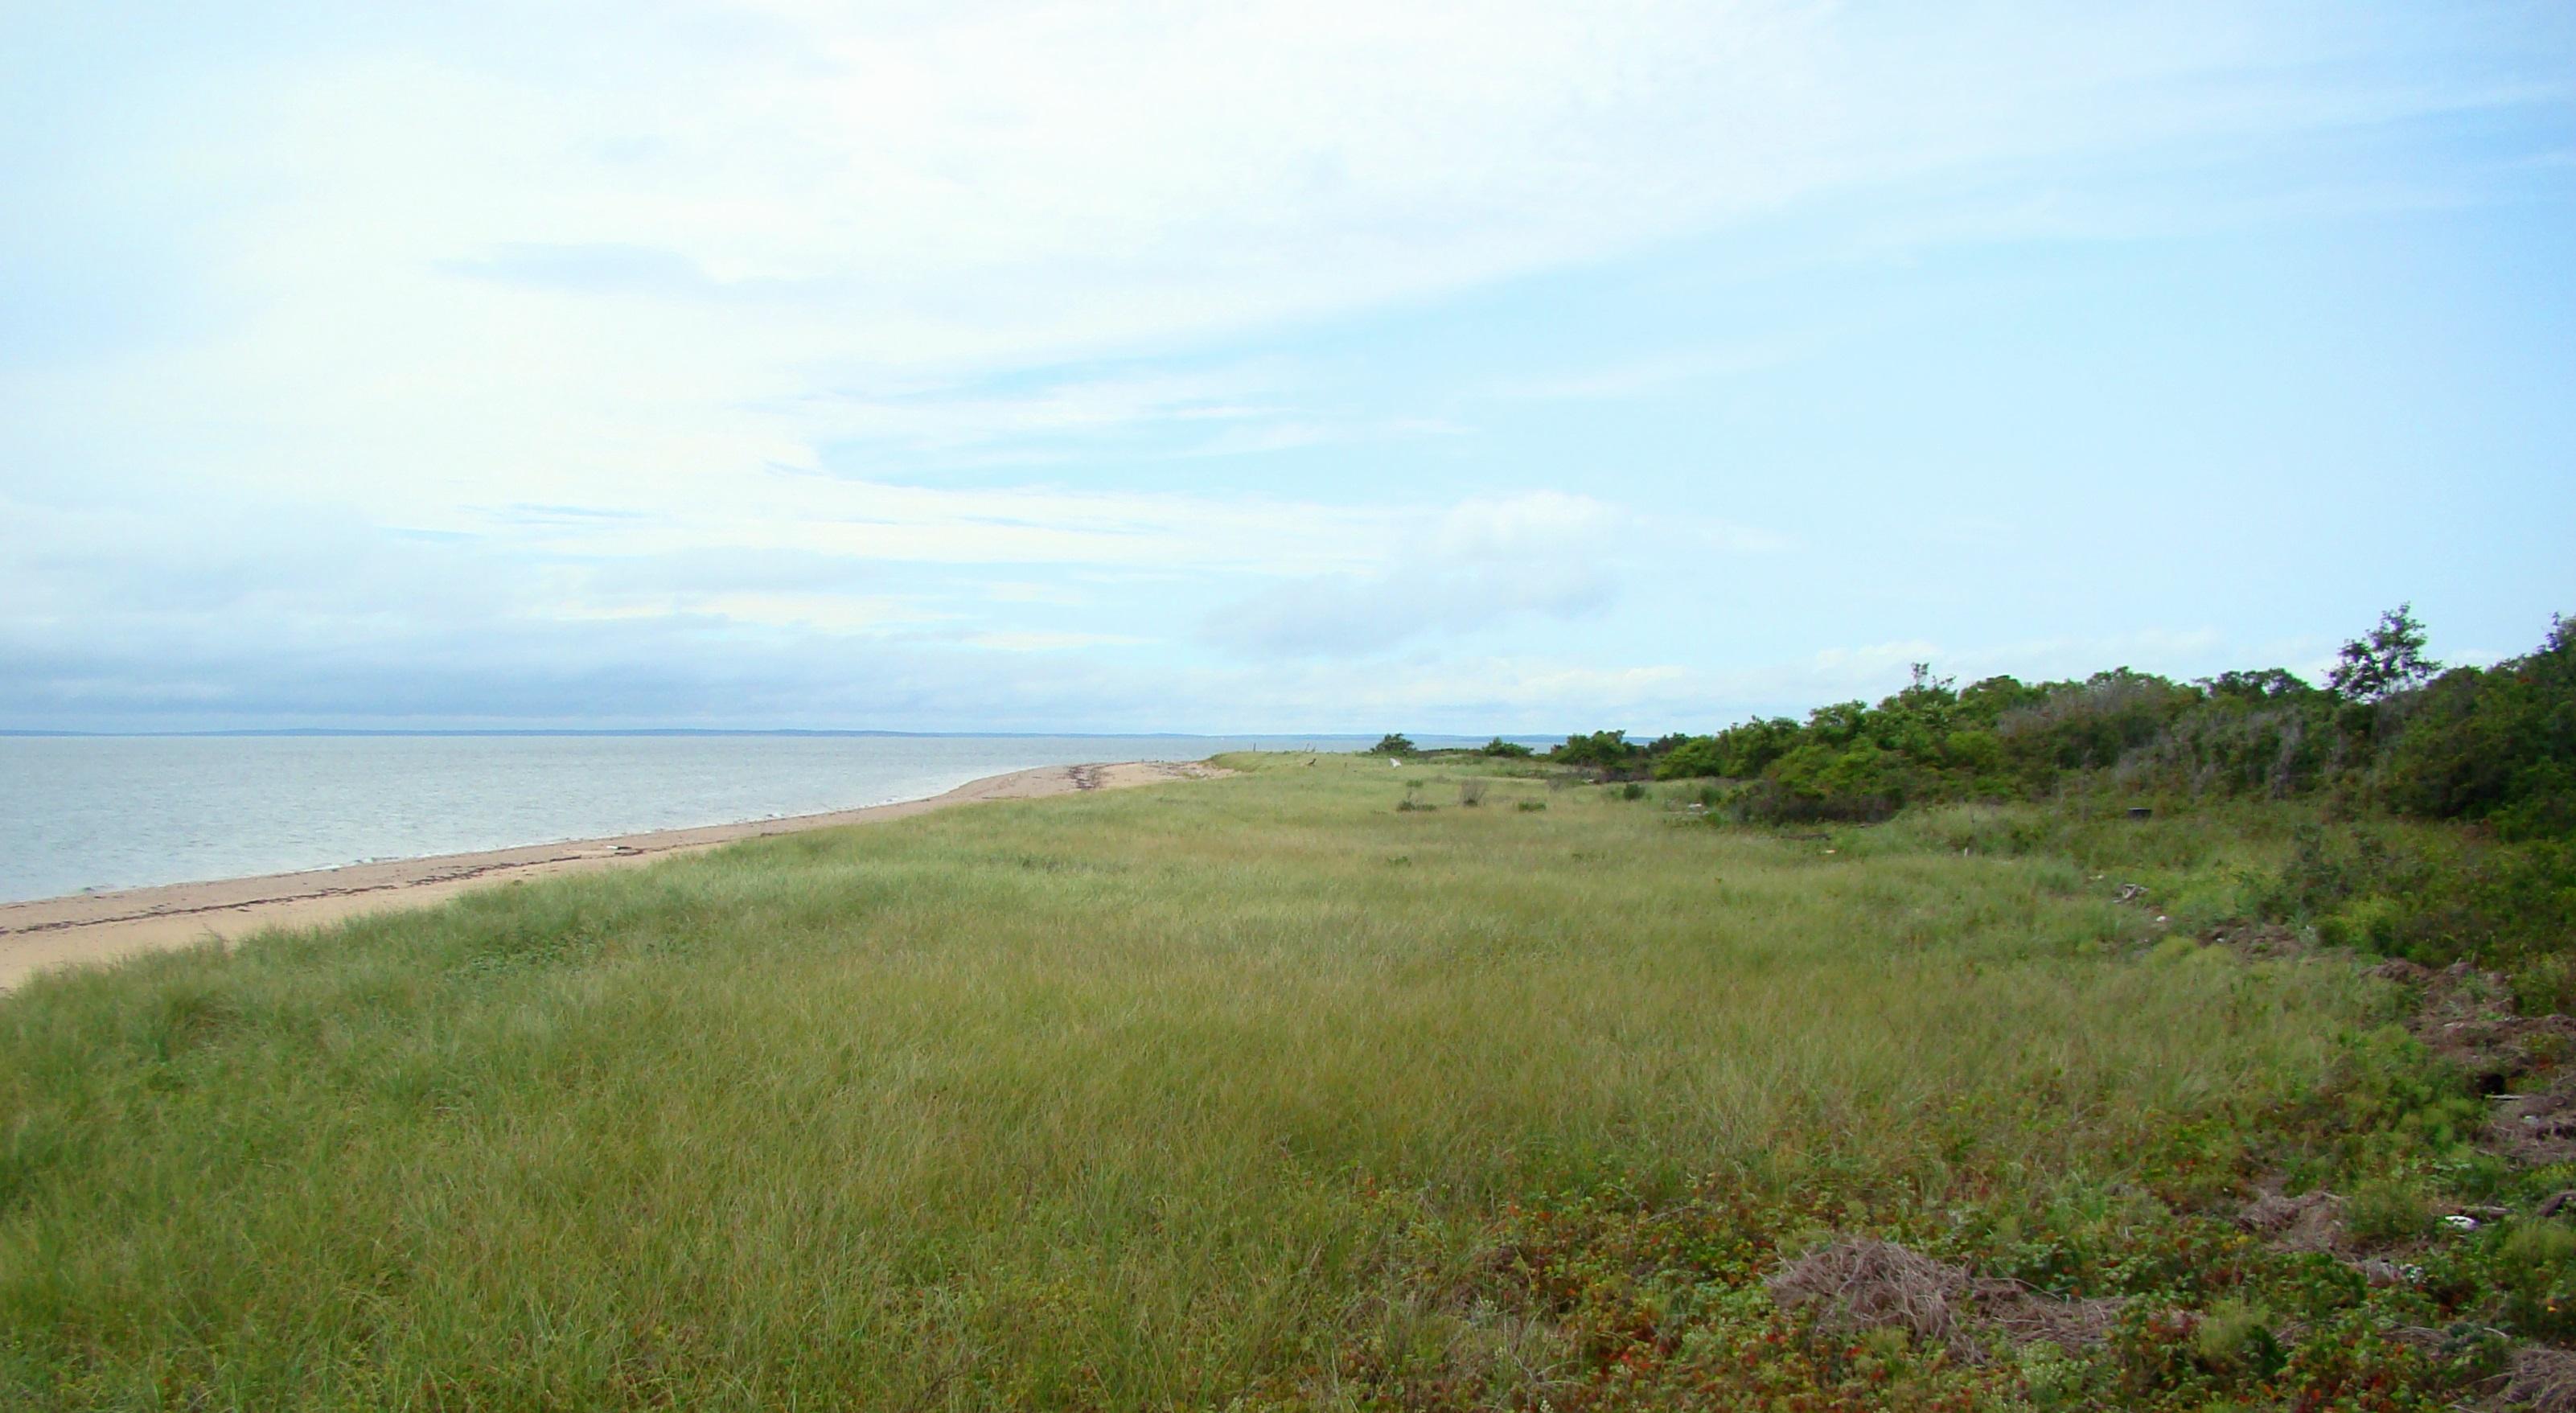 Plum - dune grass